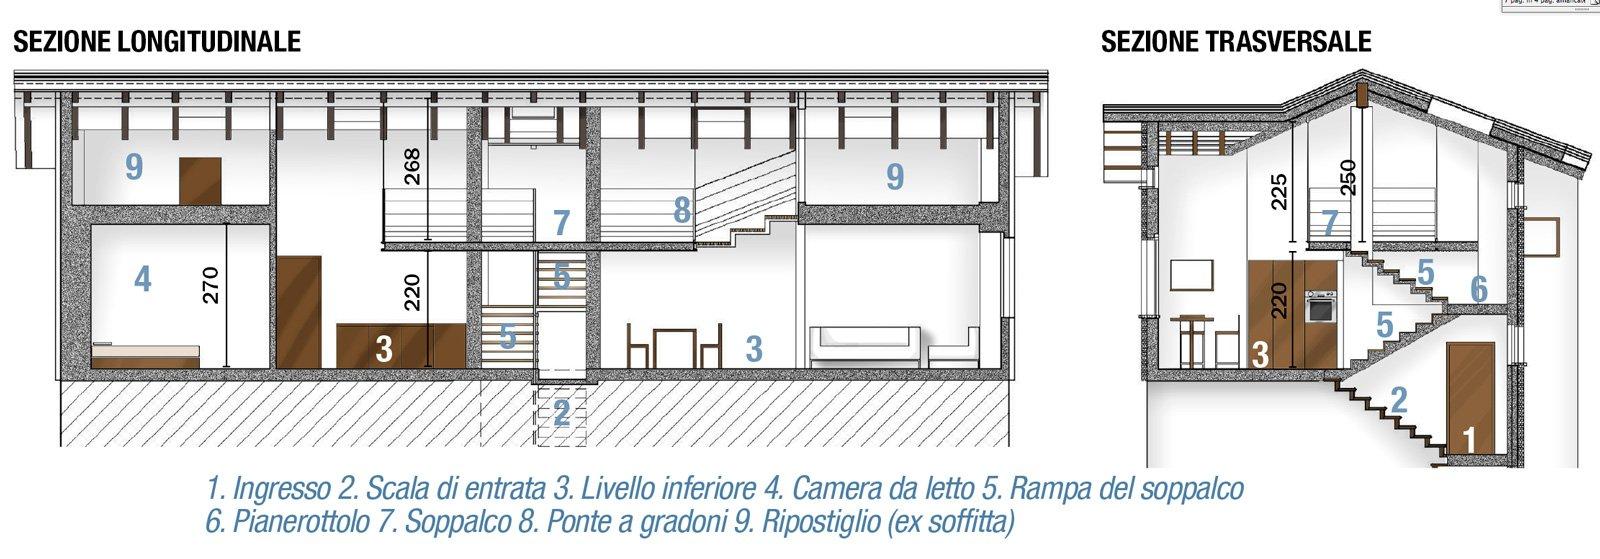 100 mq da due bilocali e sottotetto annessi con for La migliore casa progetta lo stile indiano